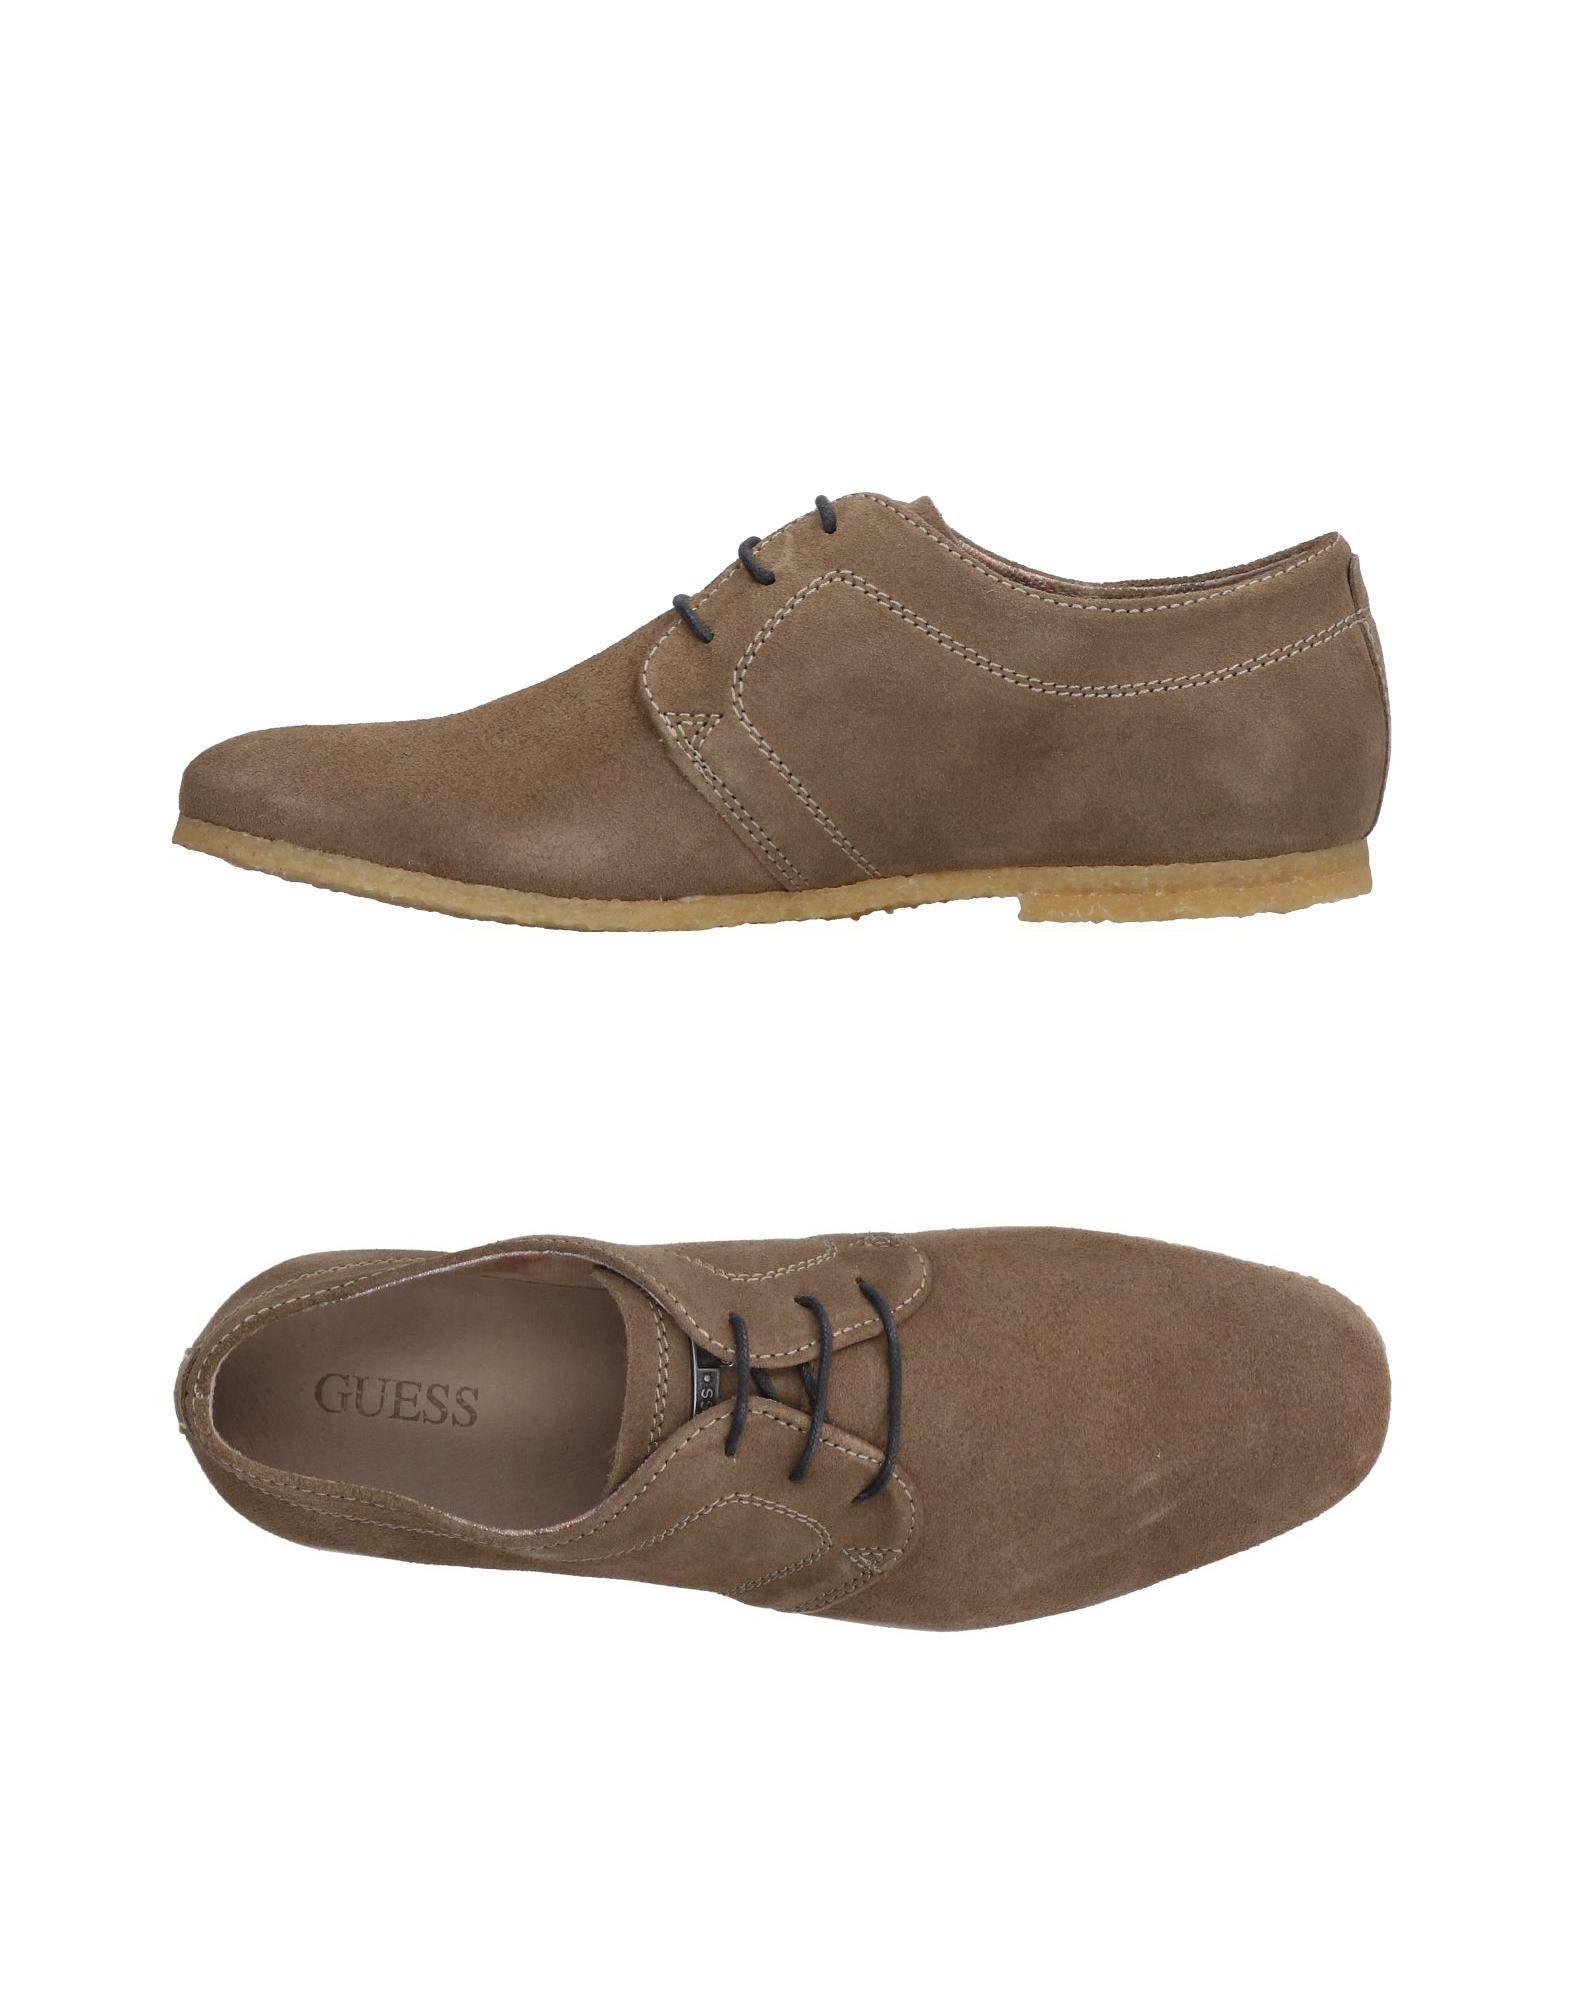 Herren Guess Schnürschuhe Herren   11520212IG Heiße Schuhe eec8f5